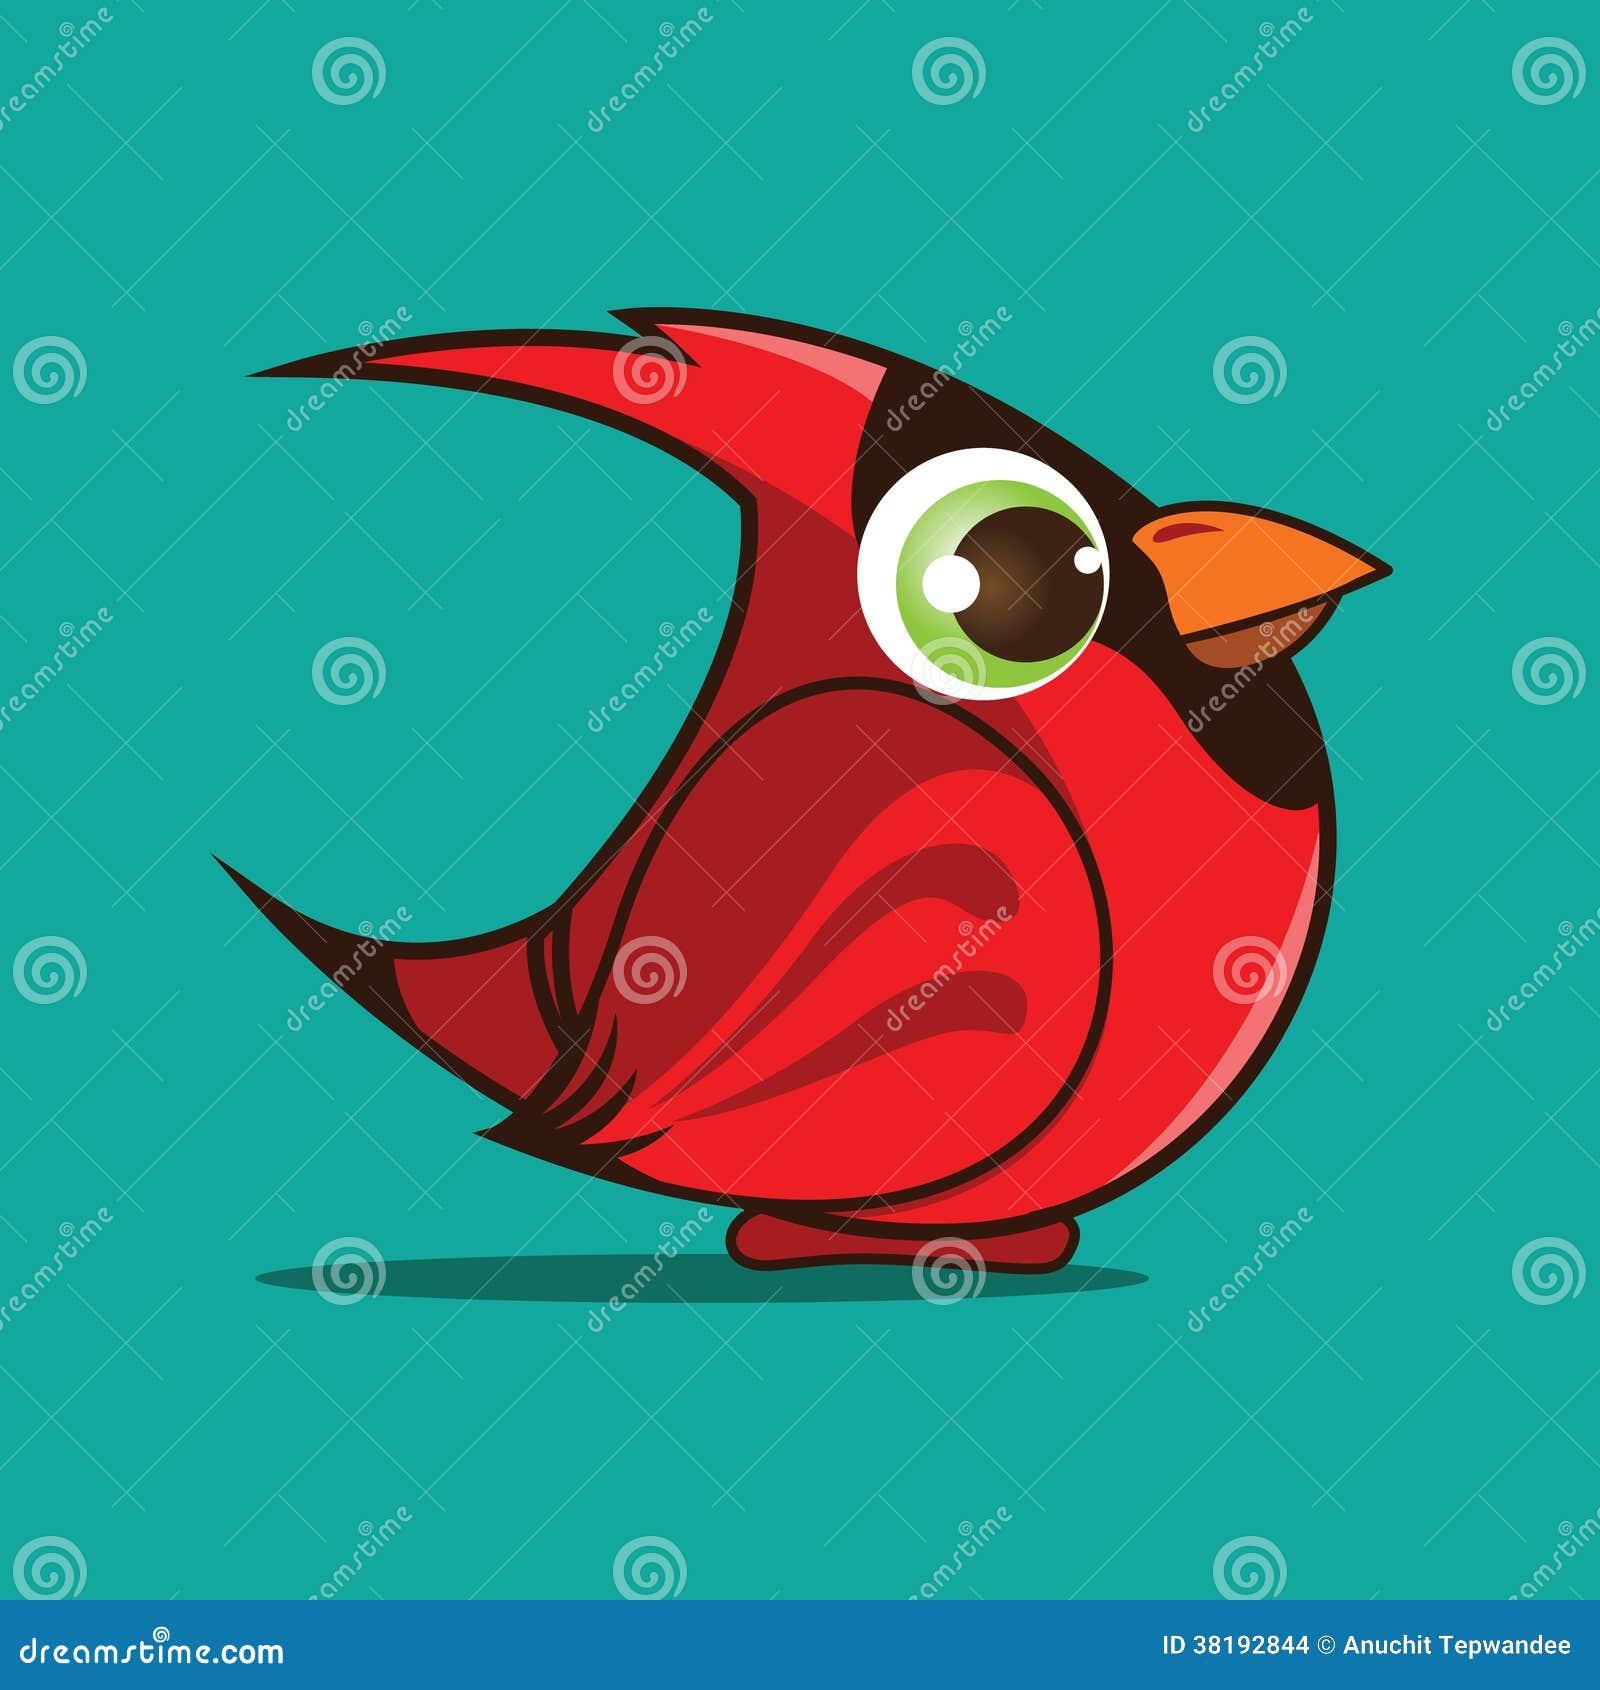 Cardinal Bird Cartoon Stock Images - Image: 38192844